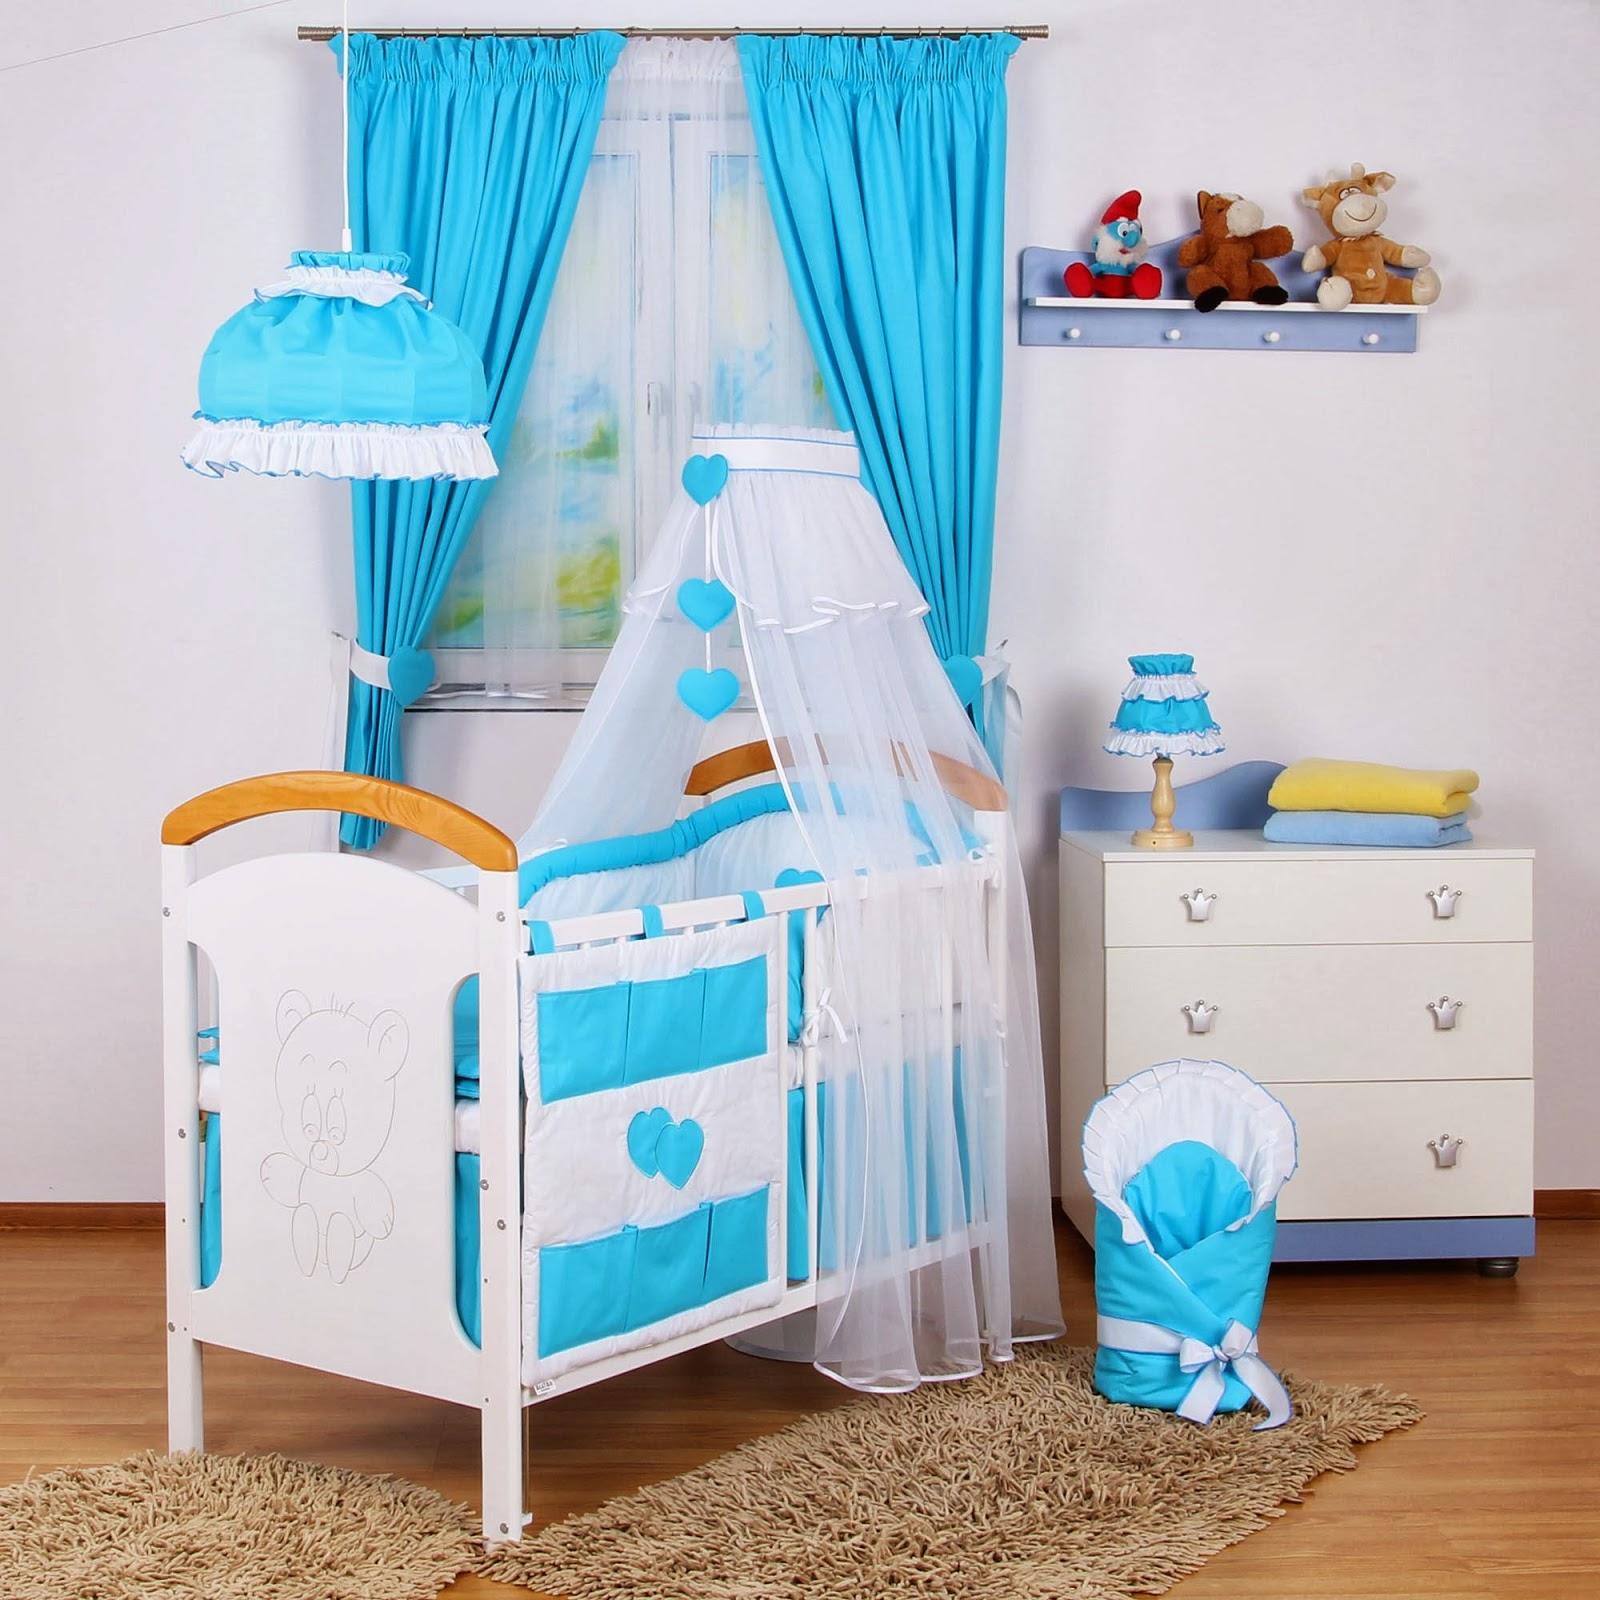 Dormitorios para beb en blanco y turquesa dormitorios for Alfombras cuarto bebe